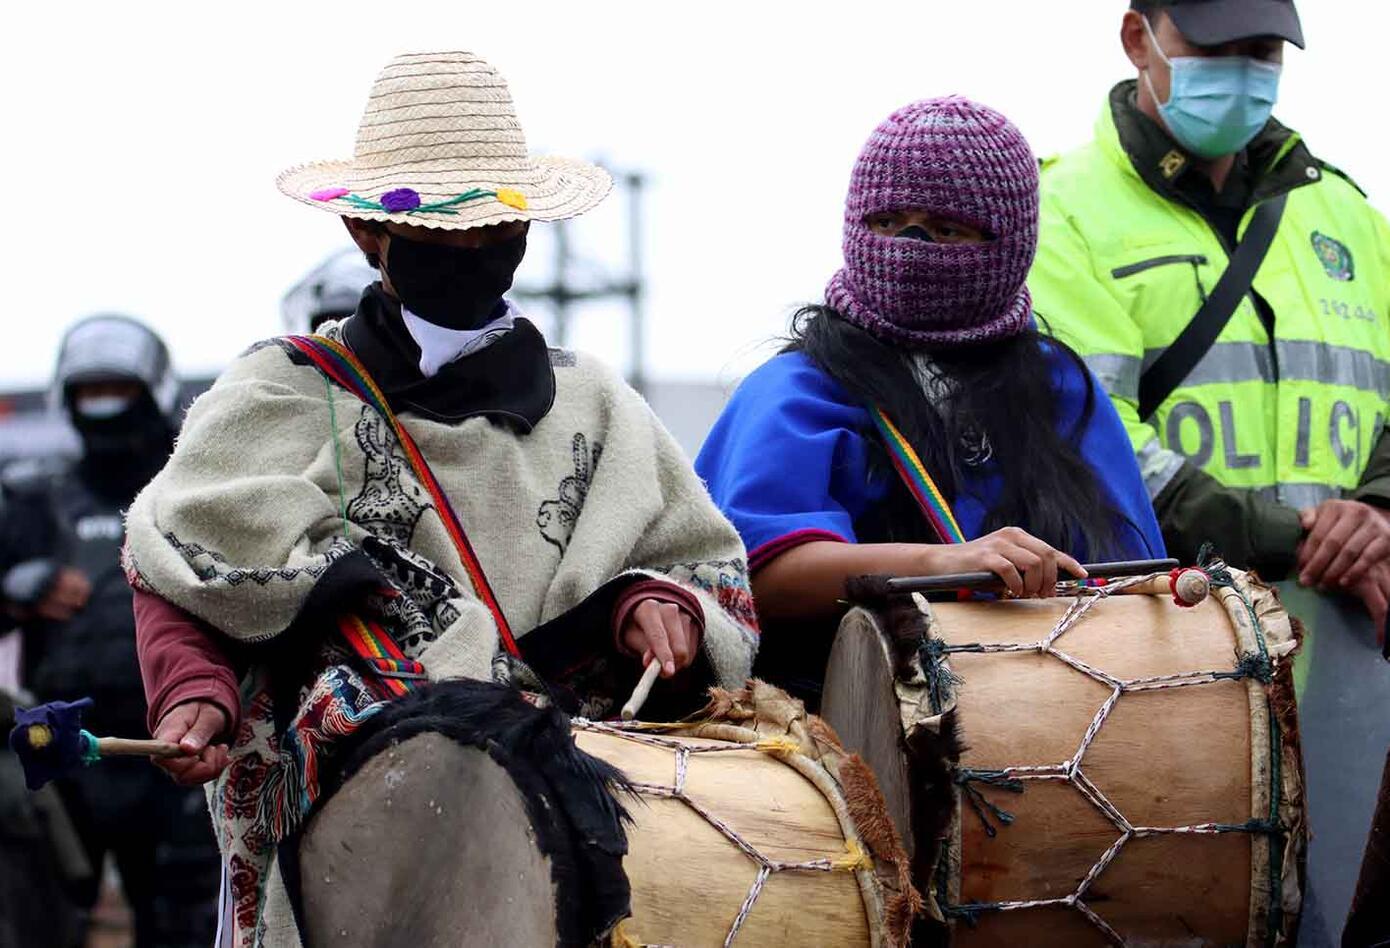 Indígenas del Pueblo Misak protestaron en Bogotá sobre la Calle 26